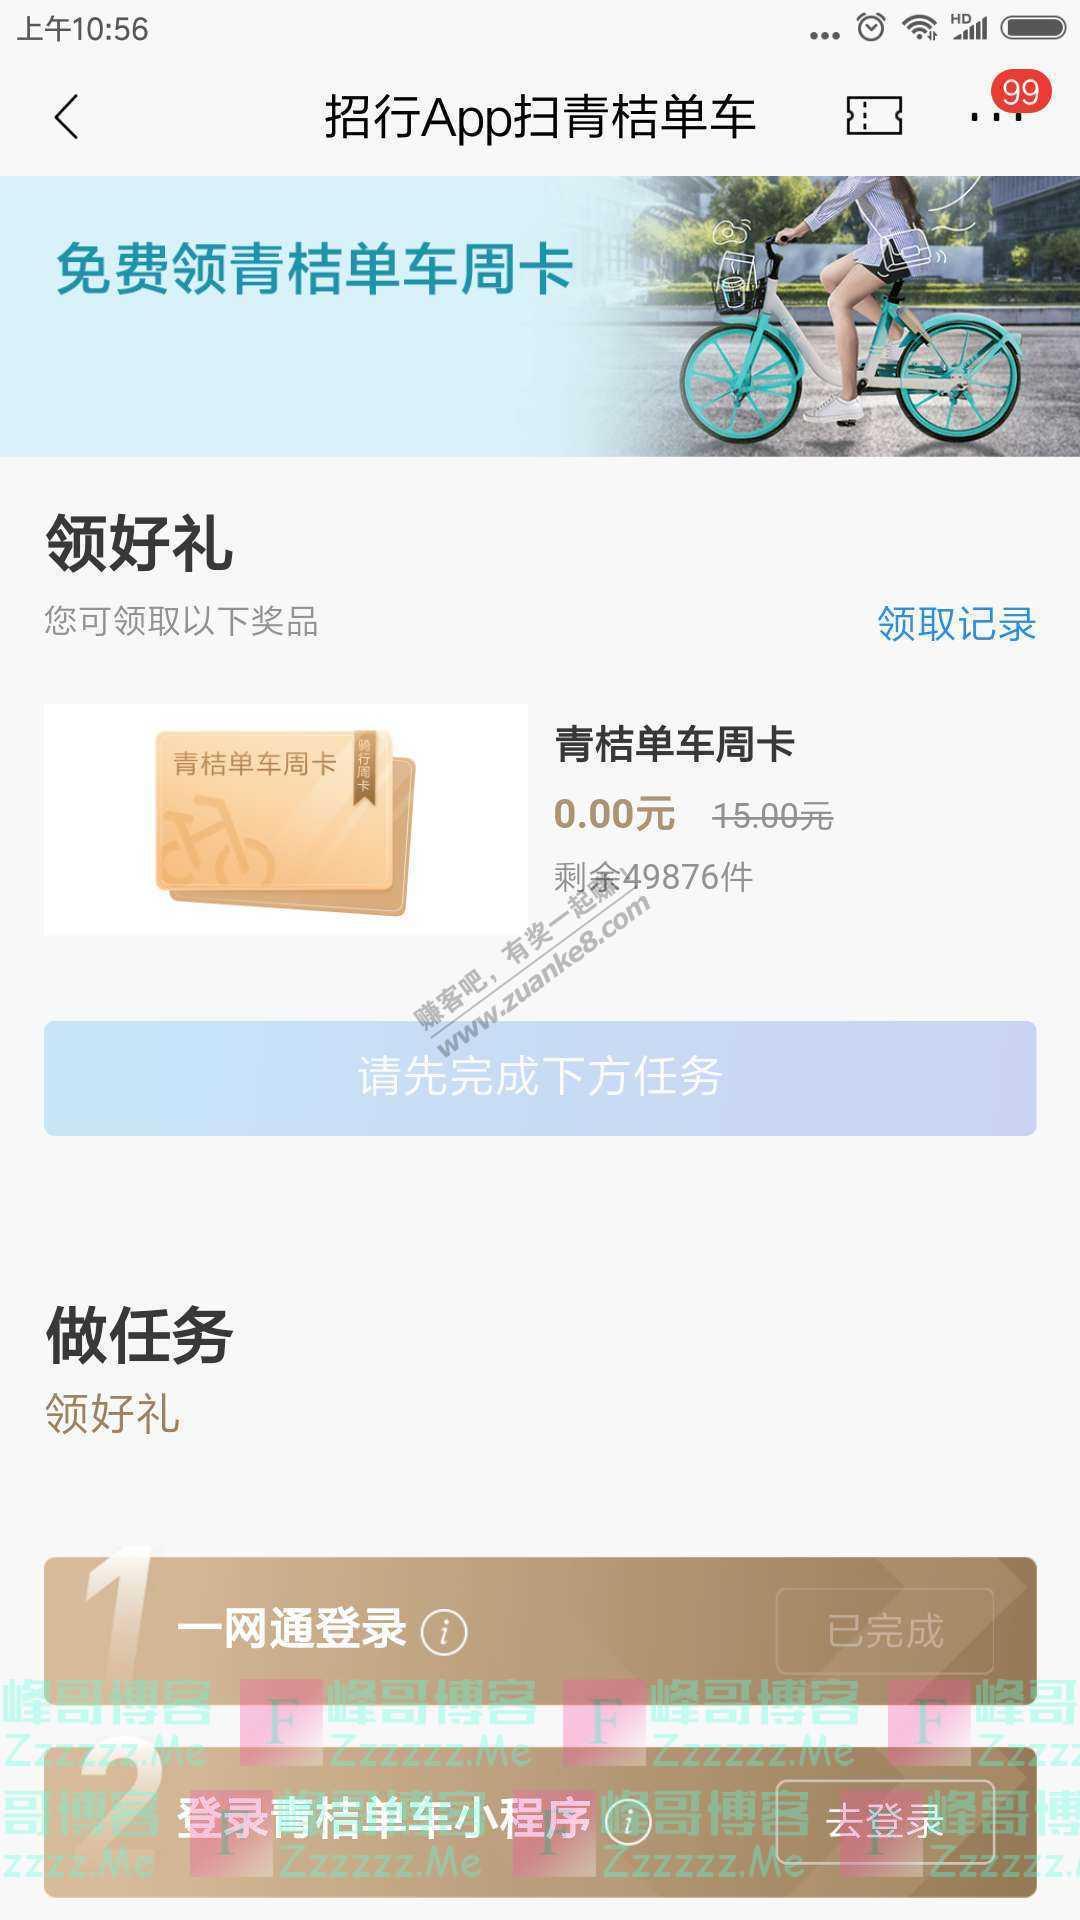 招商银行app免费领青桔单车周卡(截止8月31日)